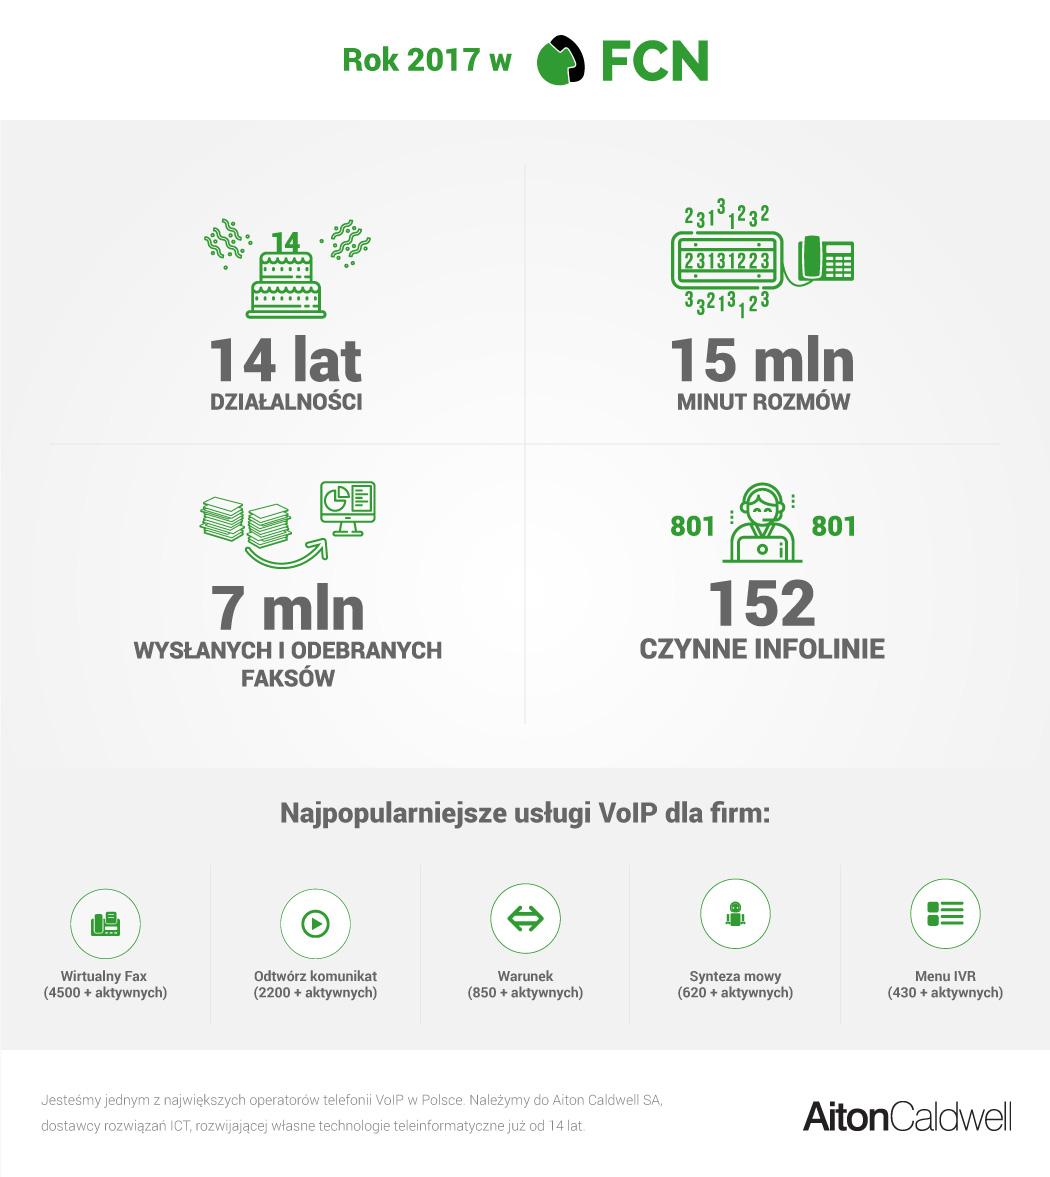 Mini infografika. FCN w 2017 to: 14-ty rok działalności, 15 milionów minut rozmów, 7 milionów faksów, 152 infolinie. Najpopularniejsze usługi to fax (4500 aktywnych), komunikaty (2200 aktywnych), warunek (850 aktywnych), menu ivr (650) i synteza mowy (430)